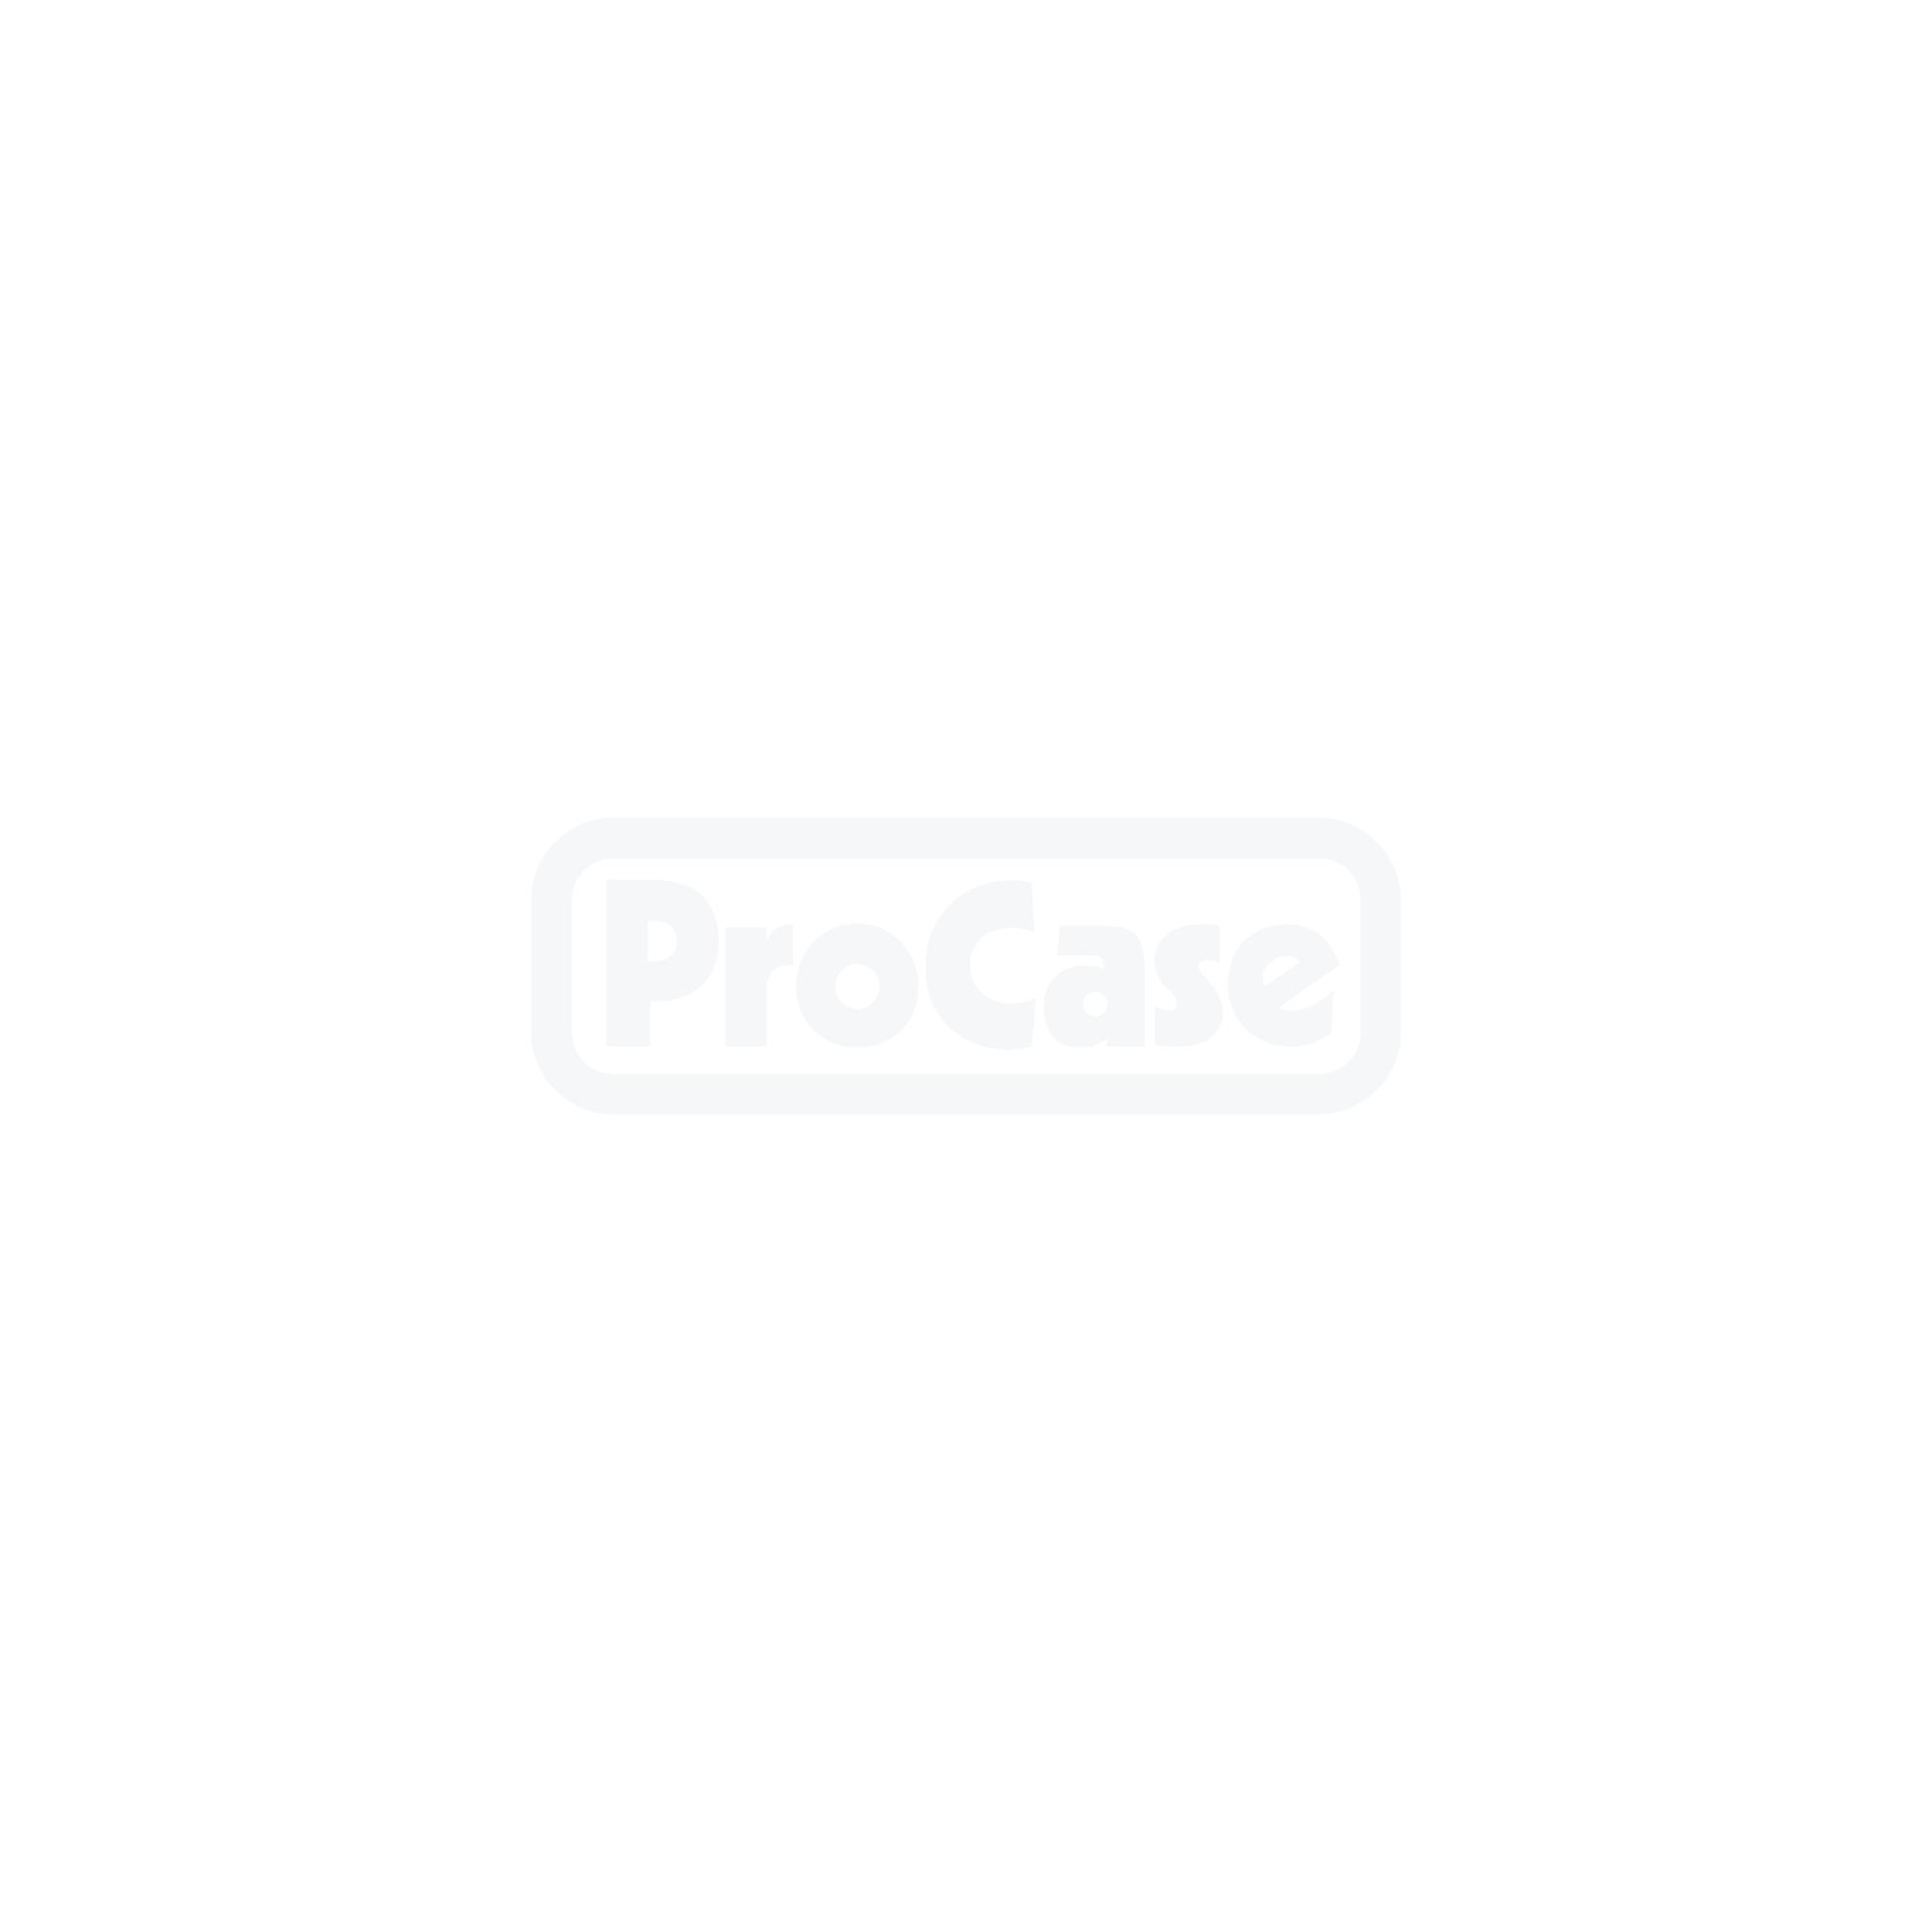 Flightcase für 1 Jura ENA3